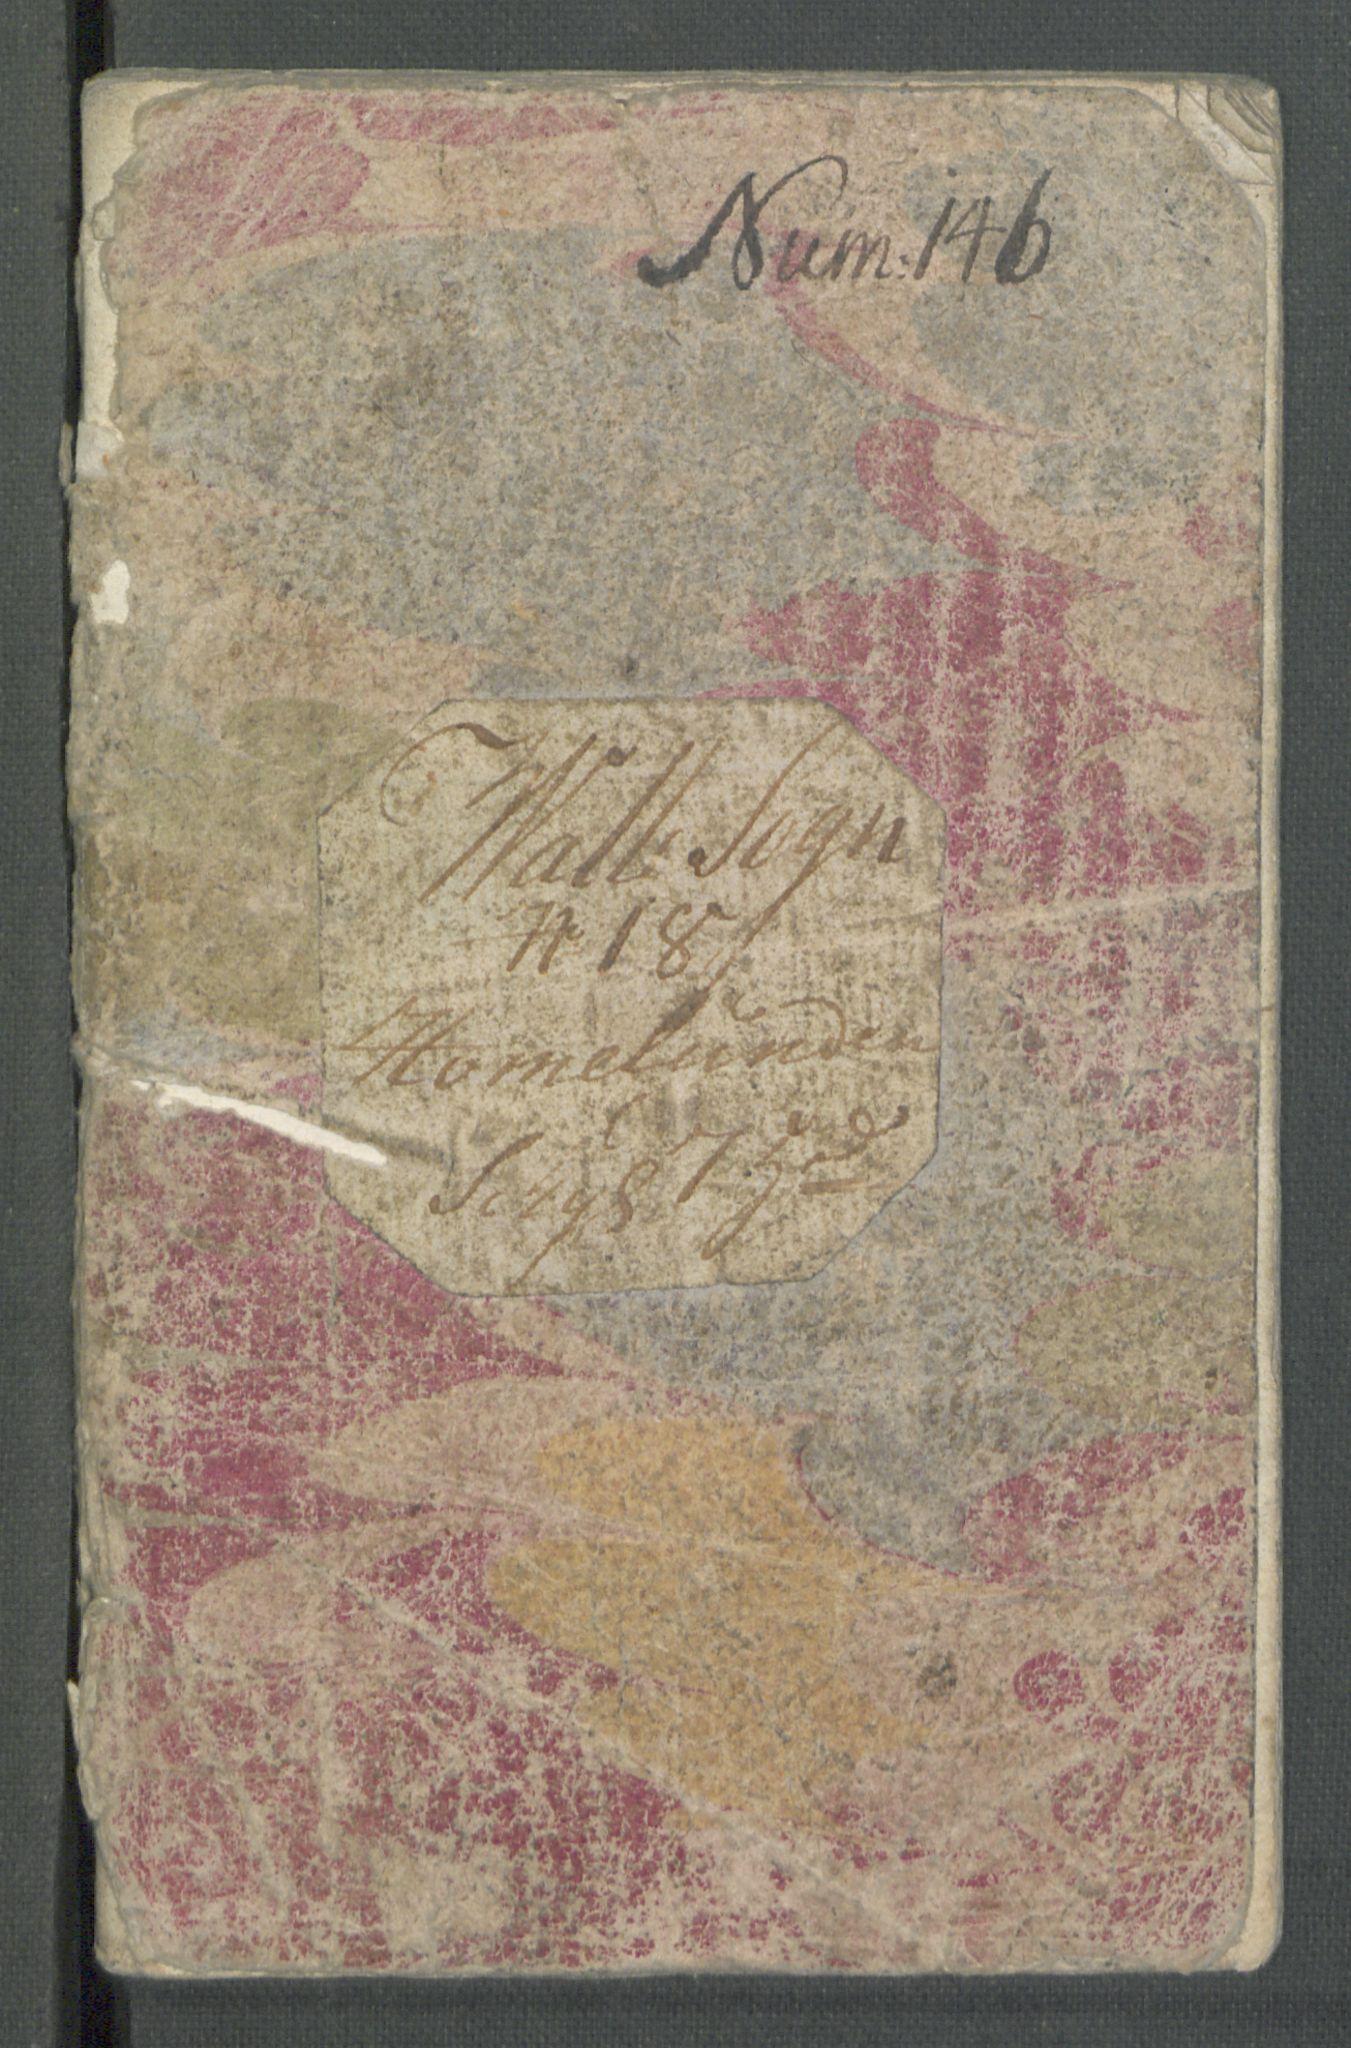 RA, Rentekammeret inntil 1814, Realistisk ordnet avdeling, Od/L0001: Oppløp, 1786-1769, s. 521